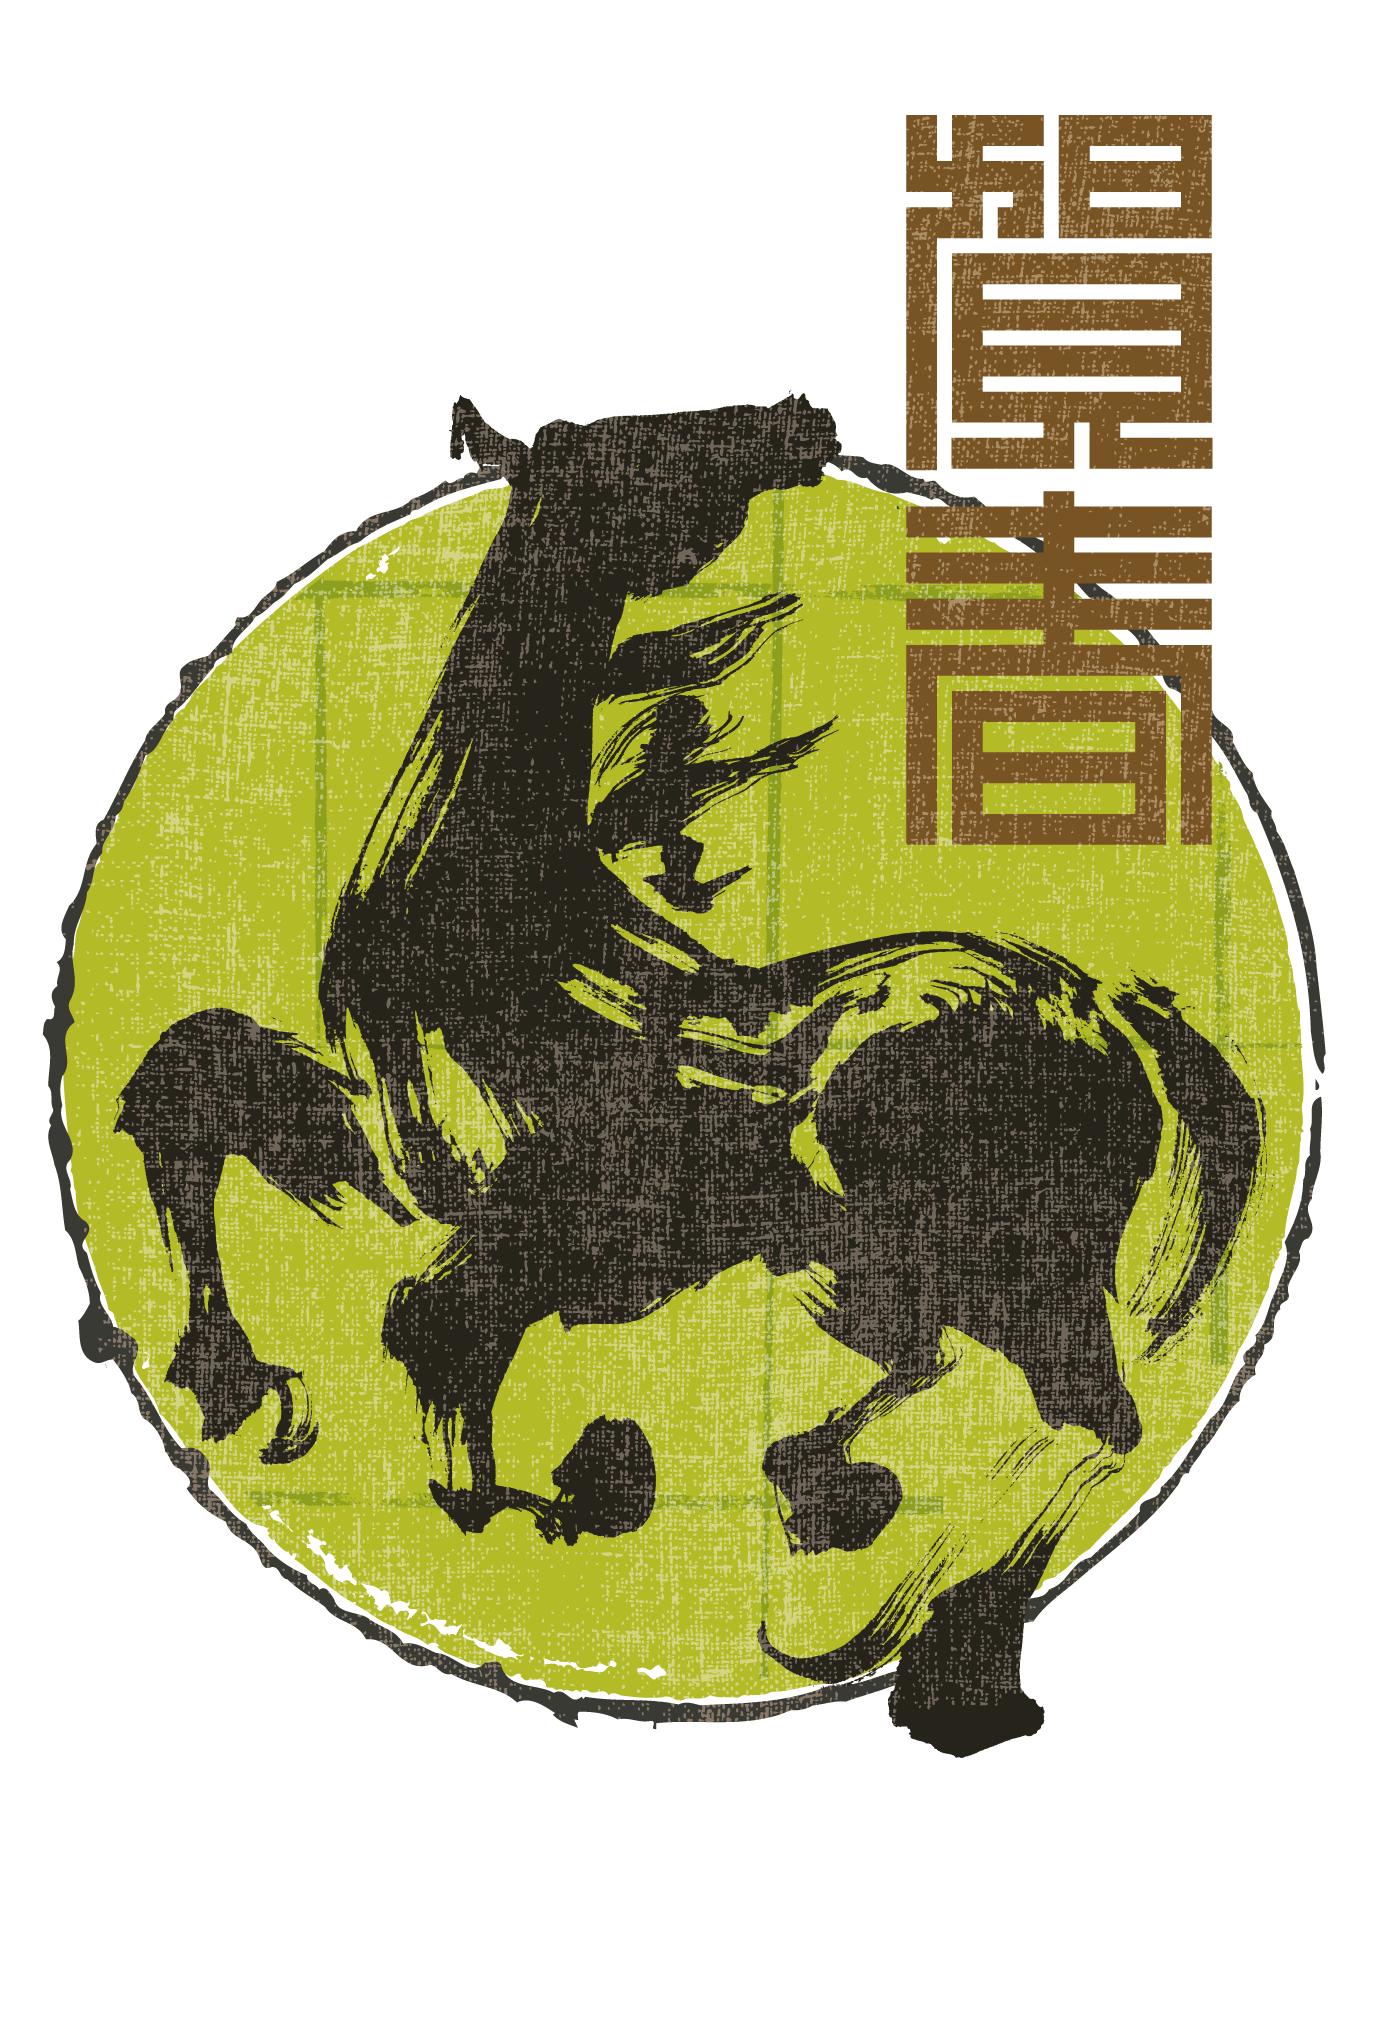 2014年賀状12-2:馬 Calligraphy(賀春草丸)のダウンロード画像